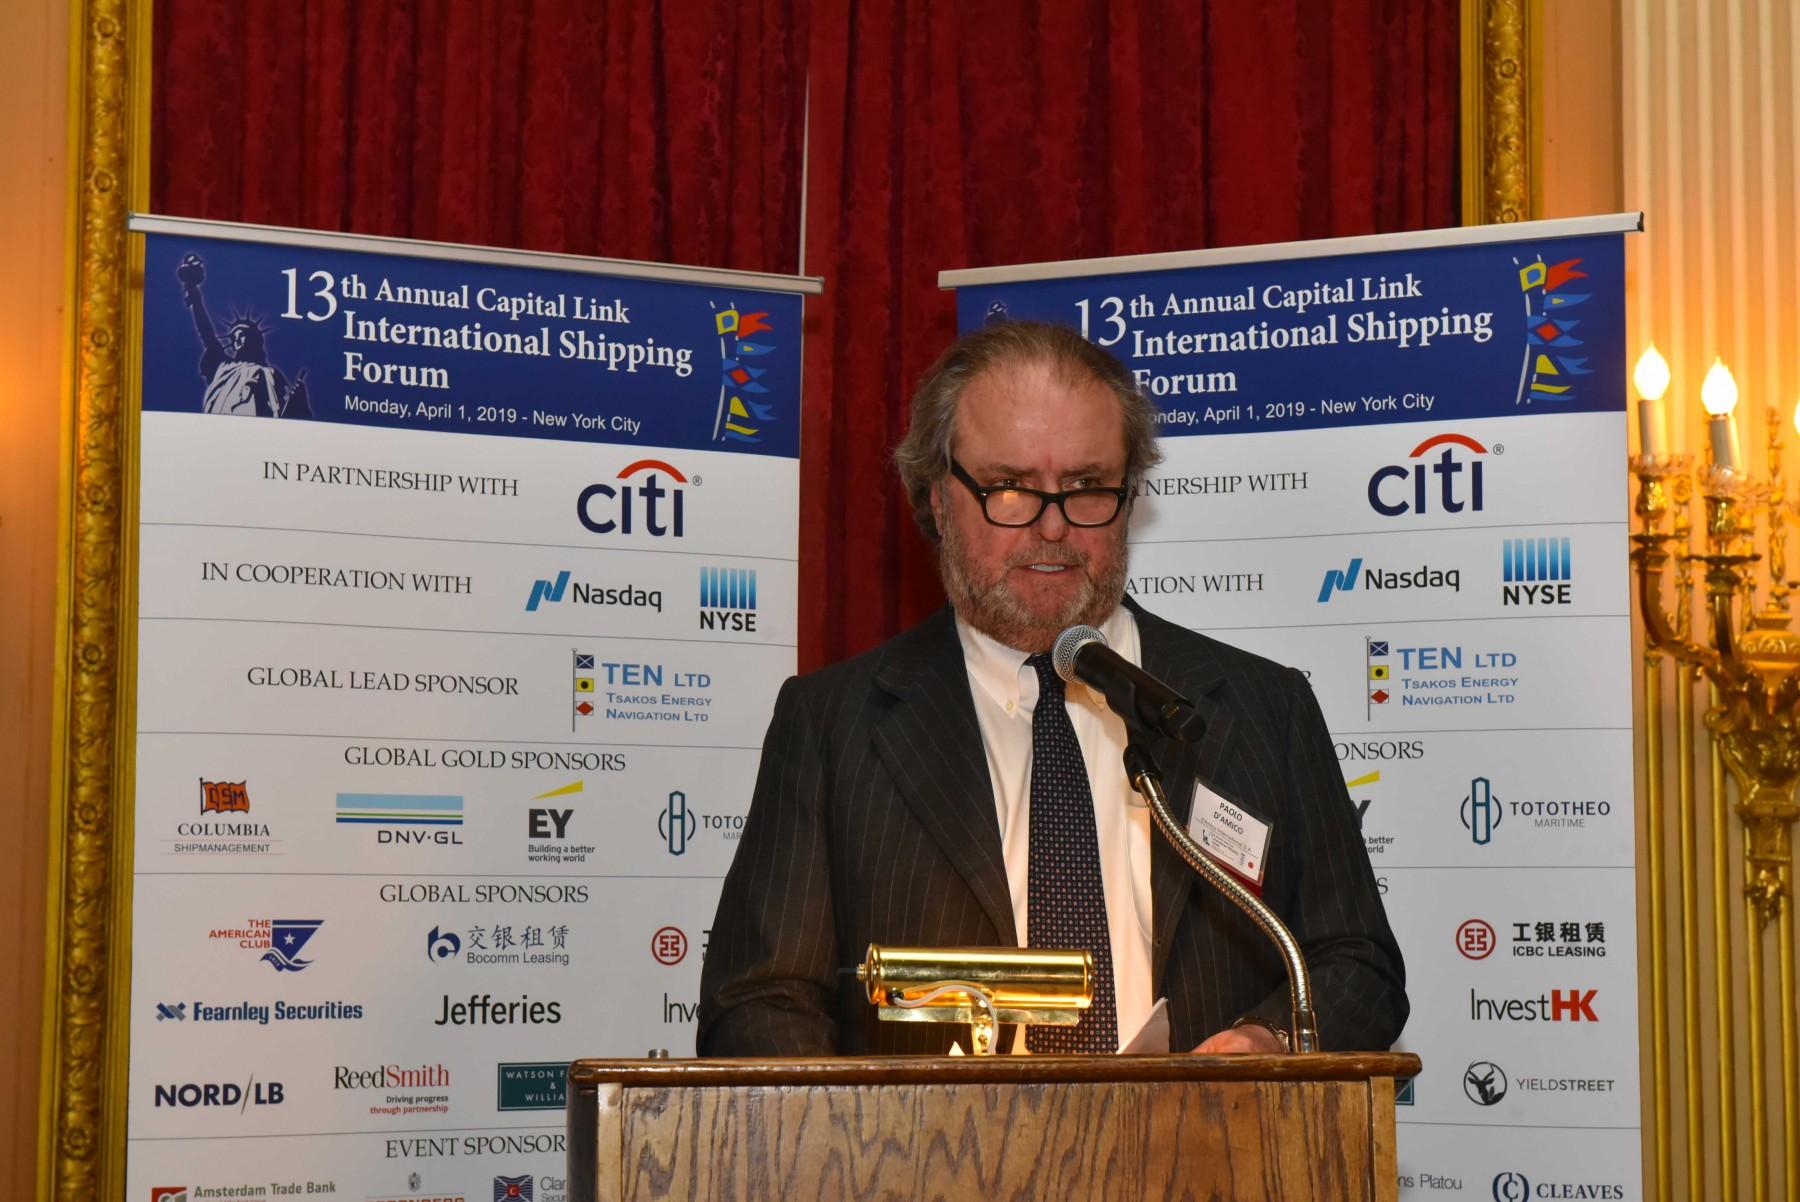 Ο Δρ. Paolo d'Amico, Chairman της INTERTANKO και Executive Chairman & CEO της d'Amico International Shipping κατά τη διάρκεια της ομιλίας του